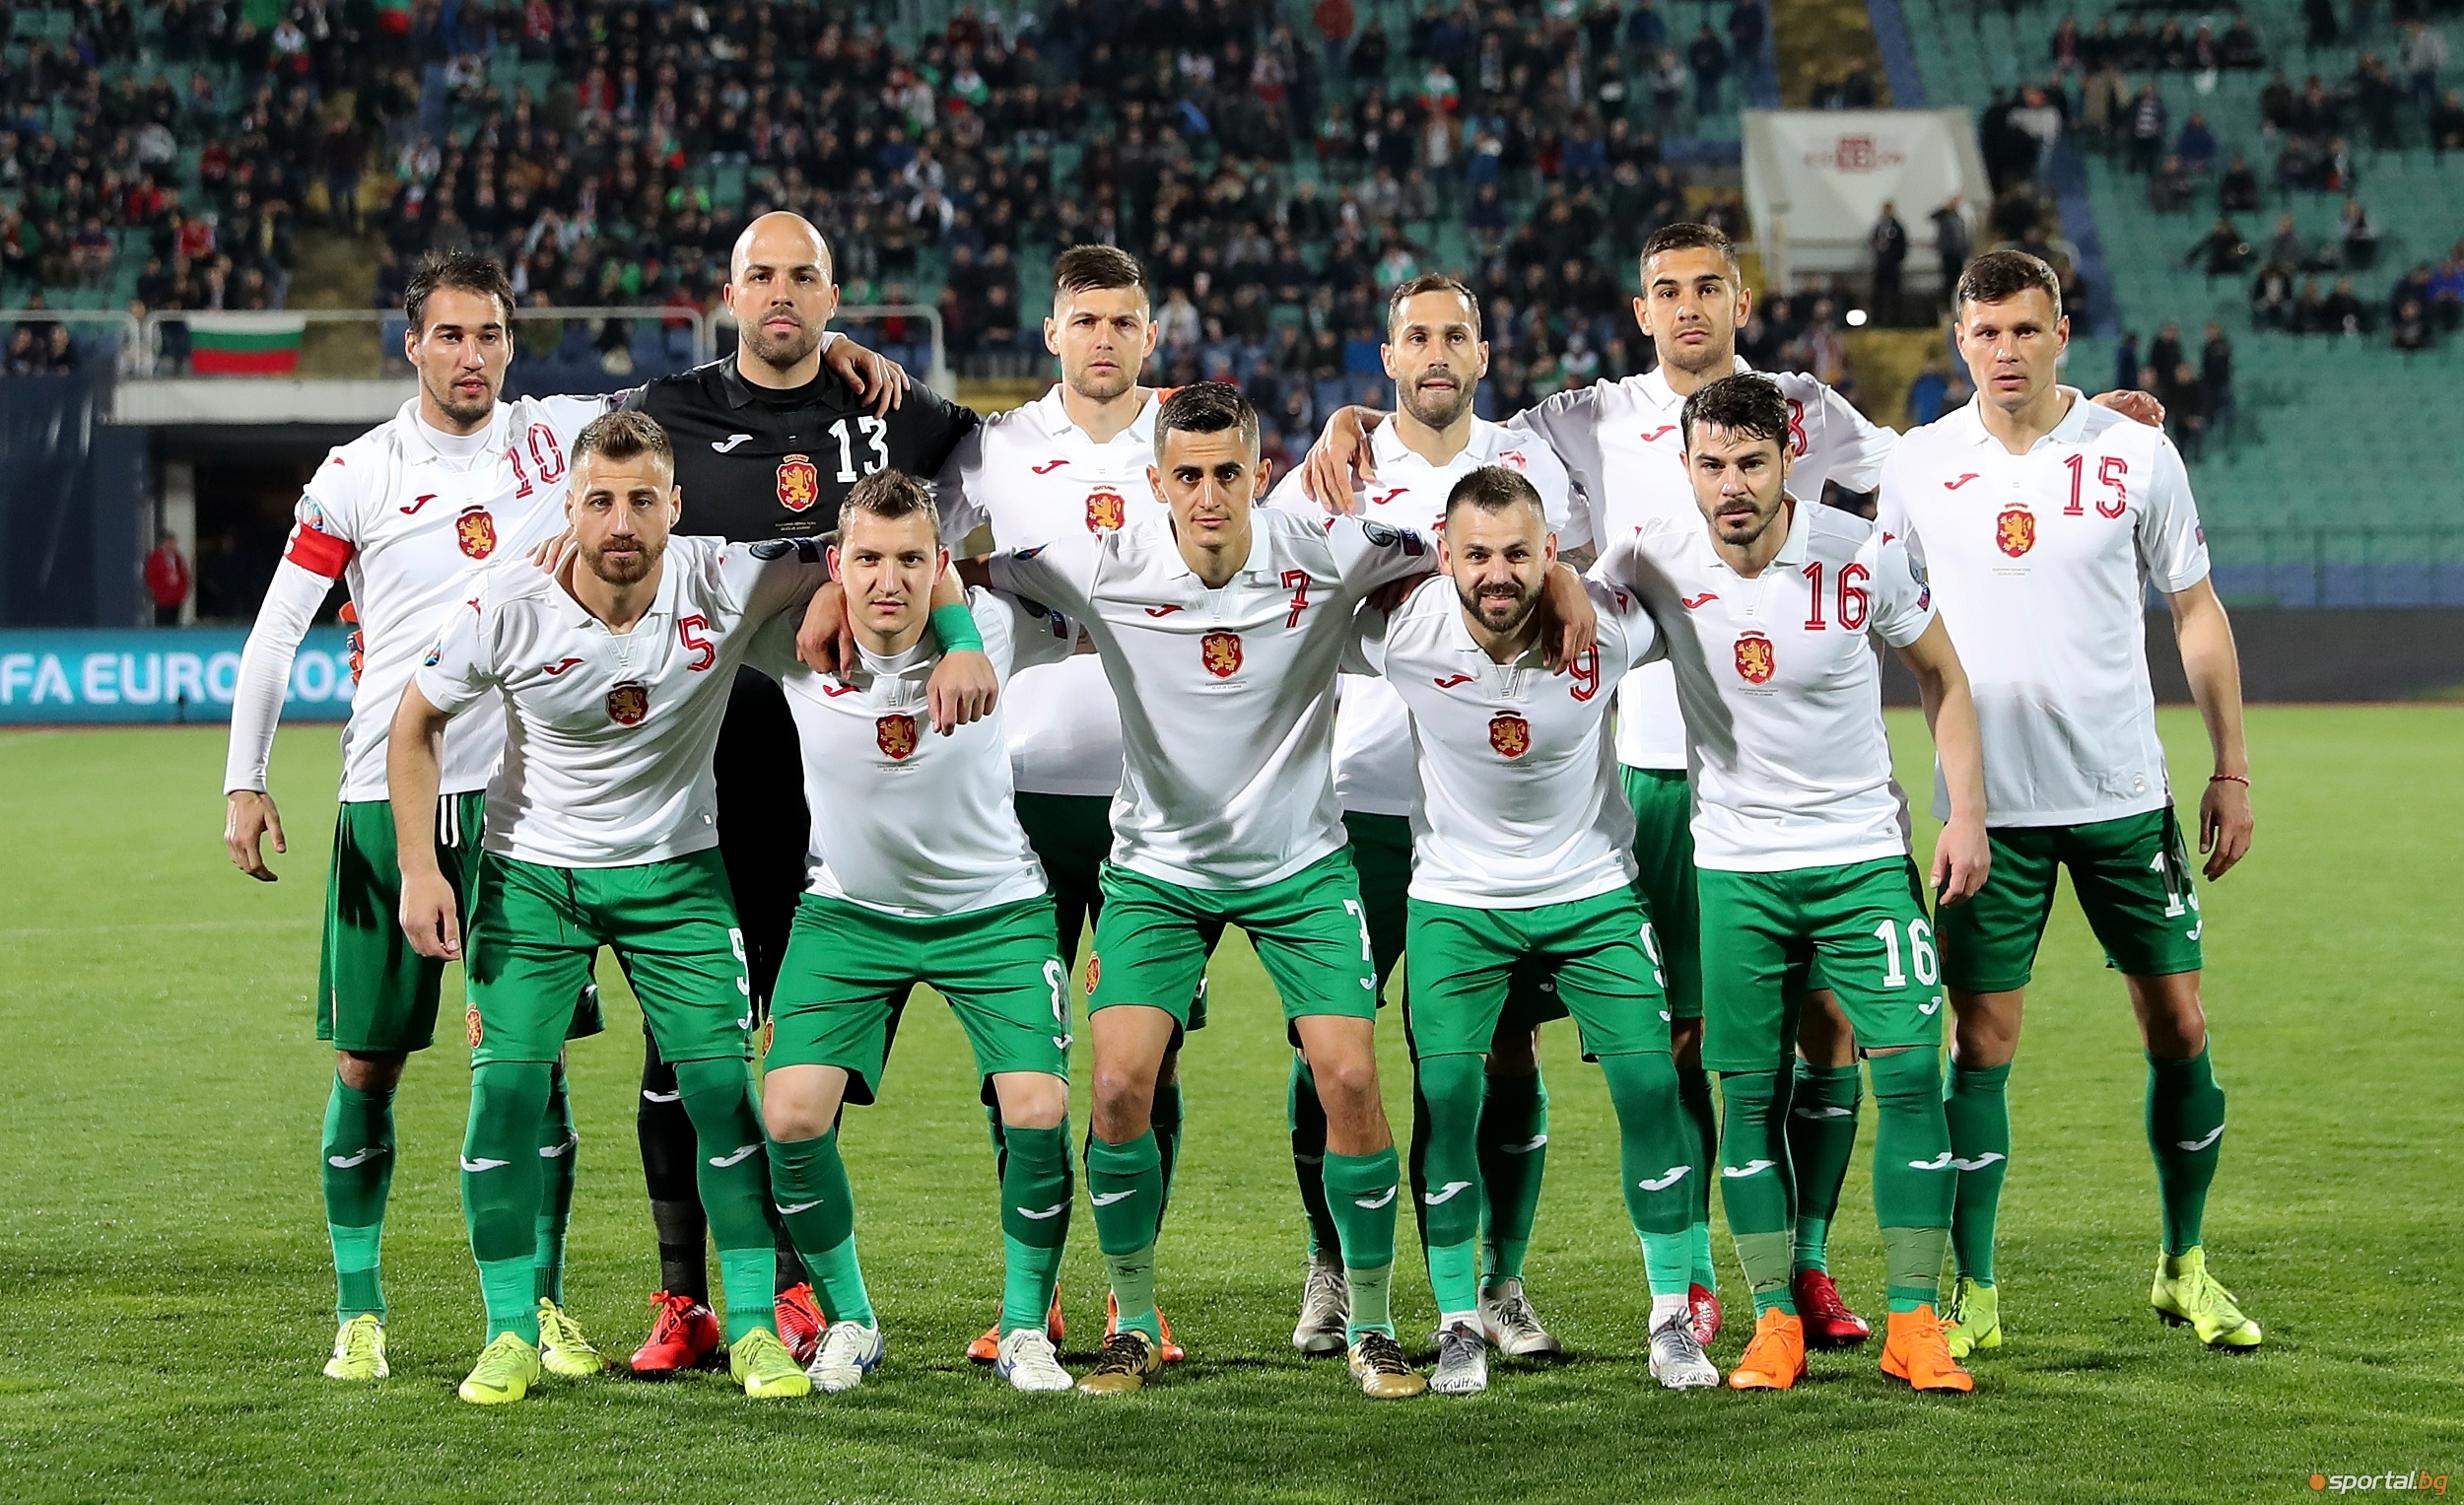 Българският национален отбор гостува в Прищина на Косово във втората